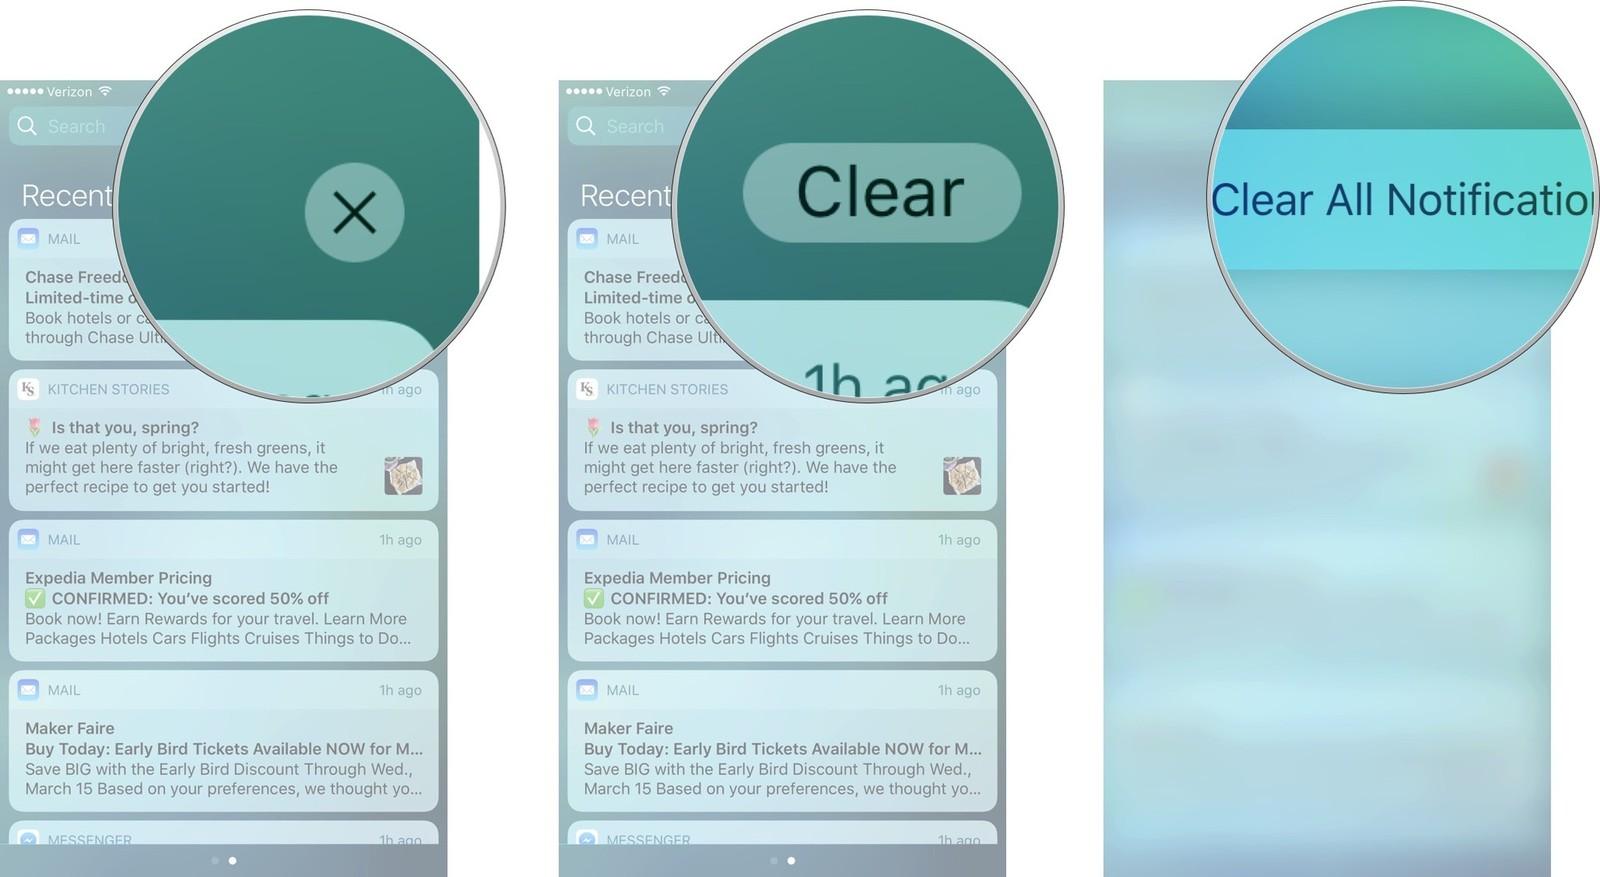 Как использовать Центр уведомлений на iPhone и iPad - как удалить сообщение